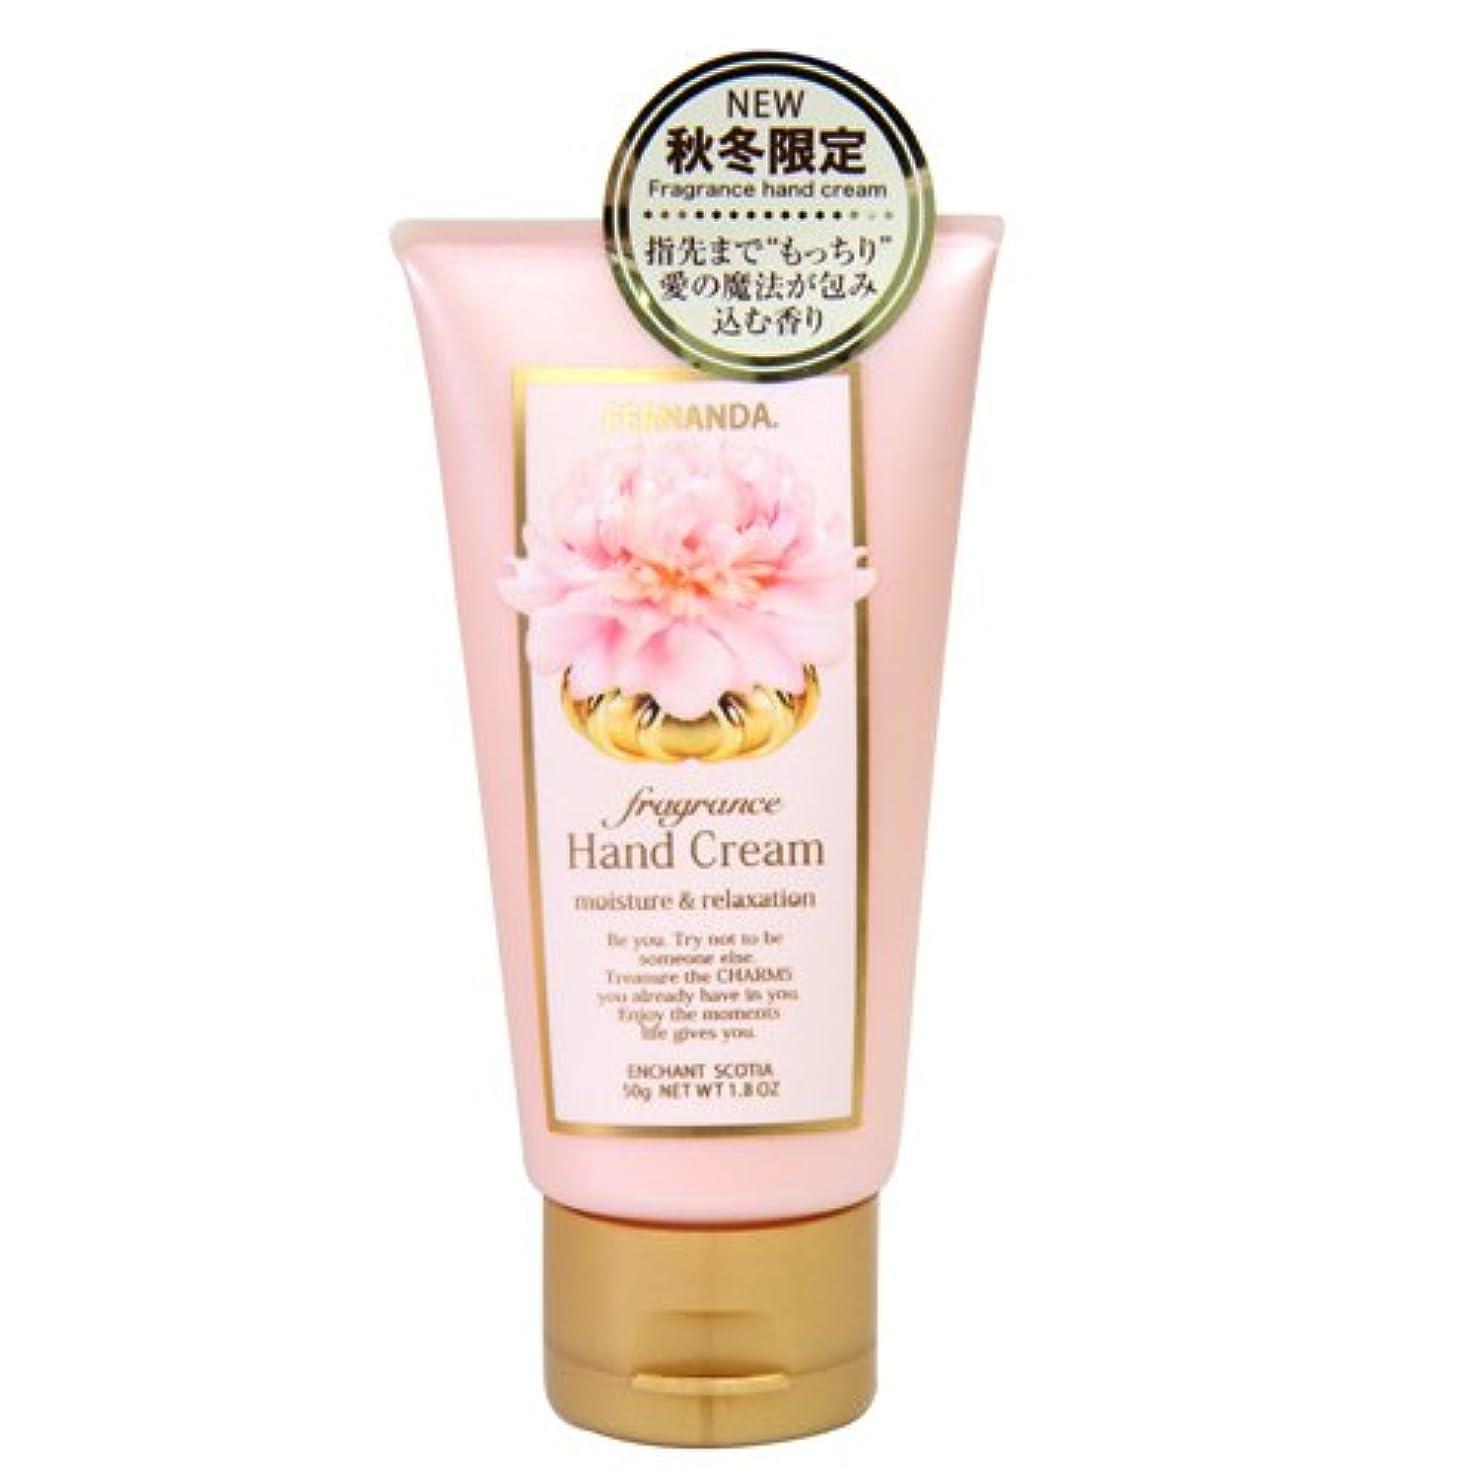 ウミウシ含める診断するFERNANDA(フェルナンダ) Hand Cream Enchant Scotia (ハンドクリーム エンシャントスコティア)